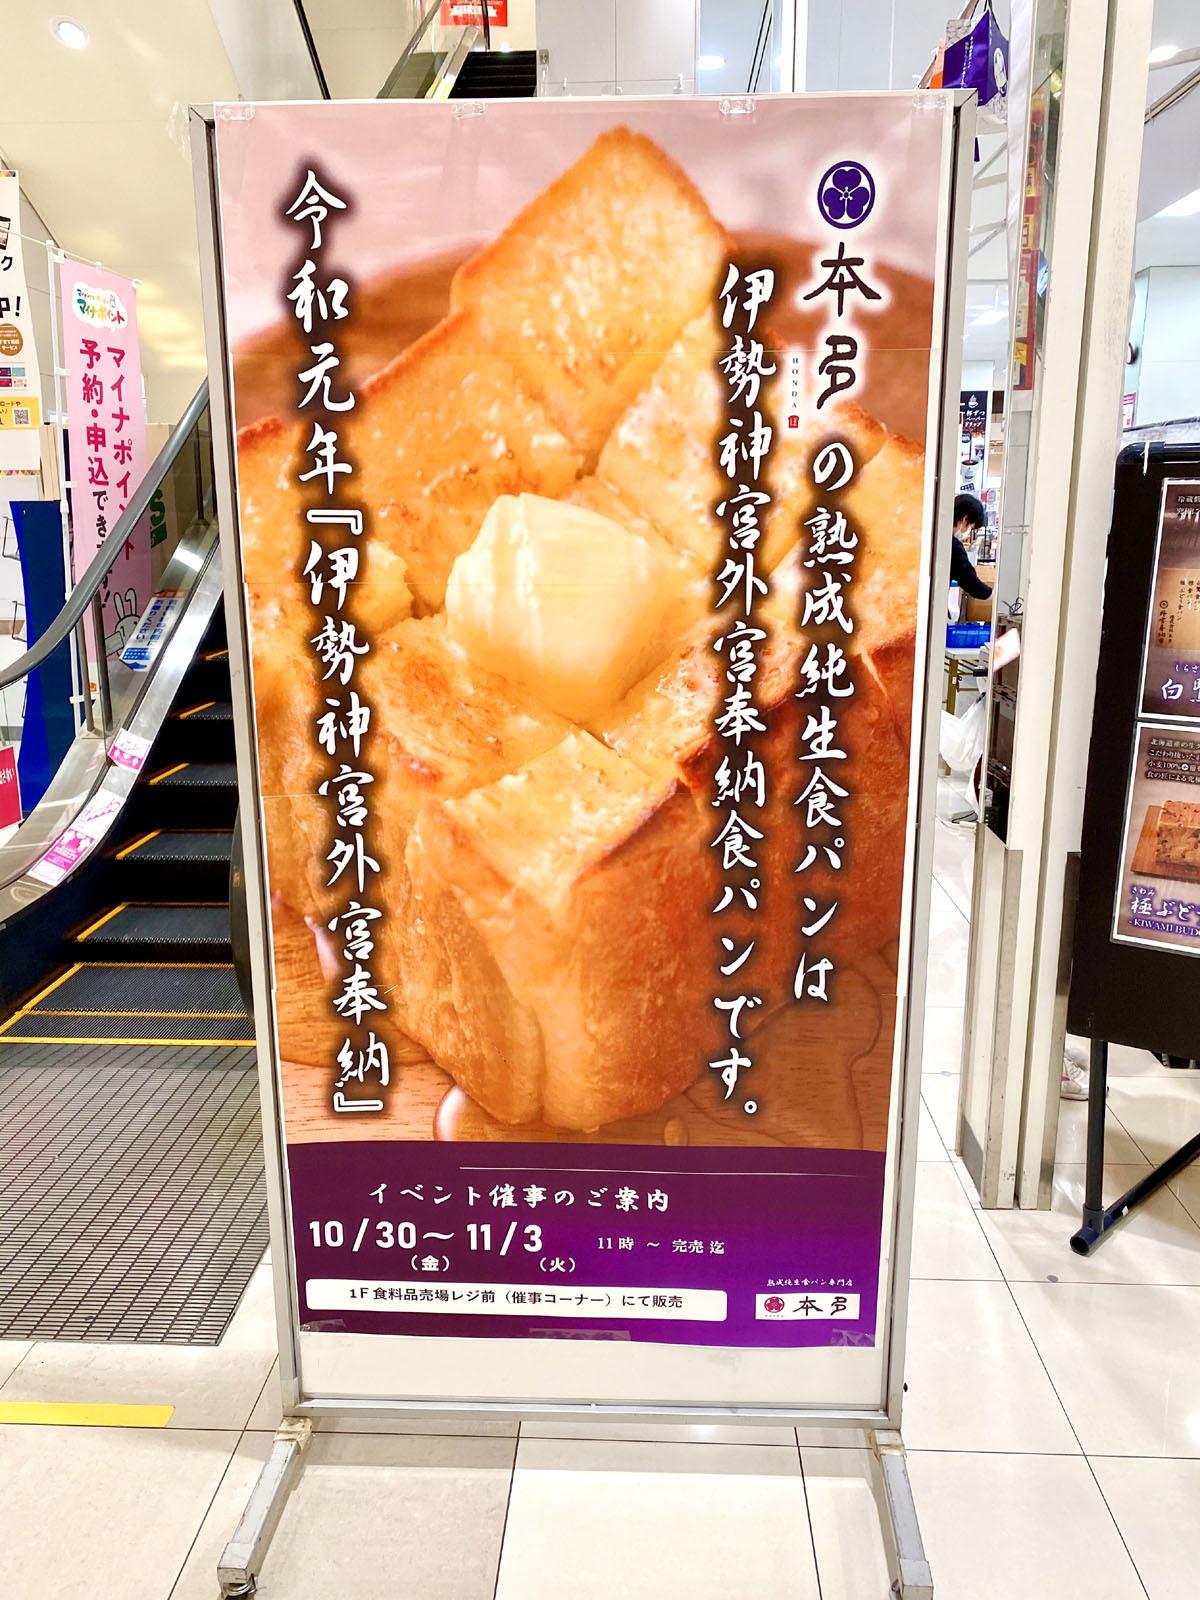 熟成純生食パン 本多 ポスター